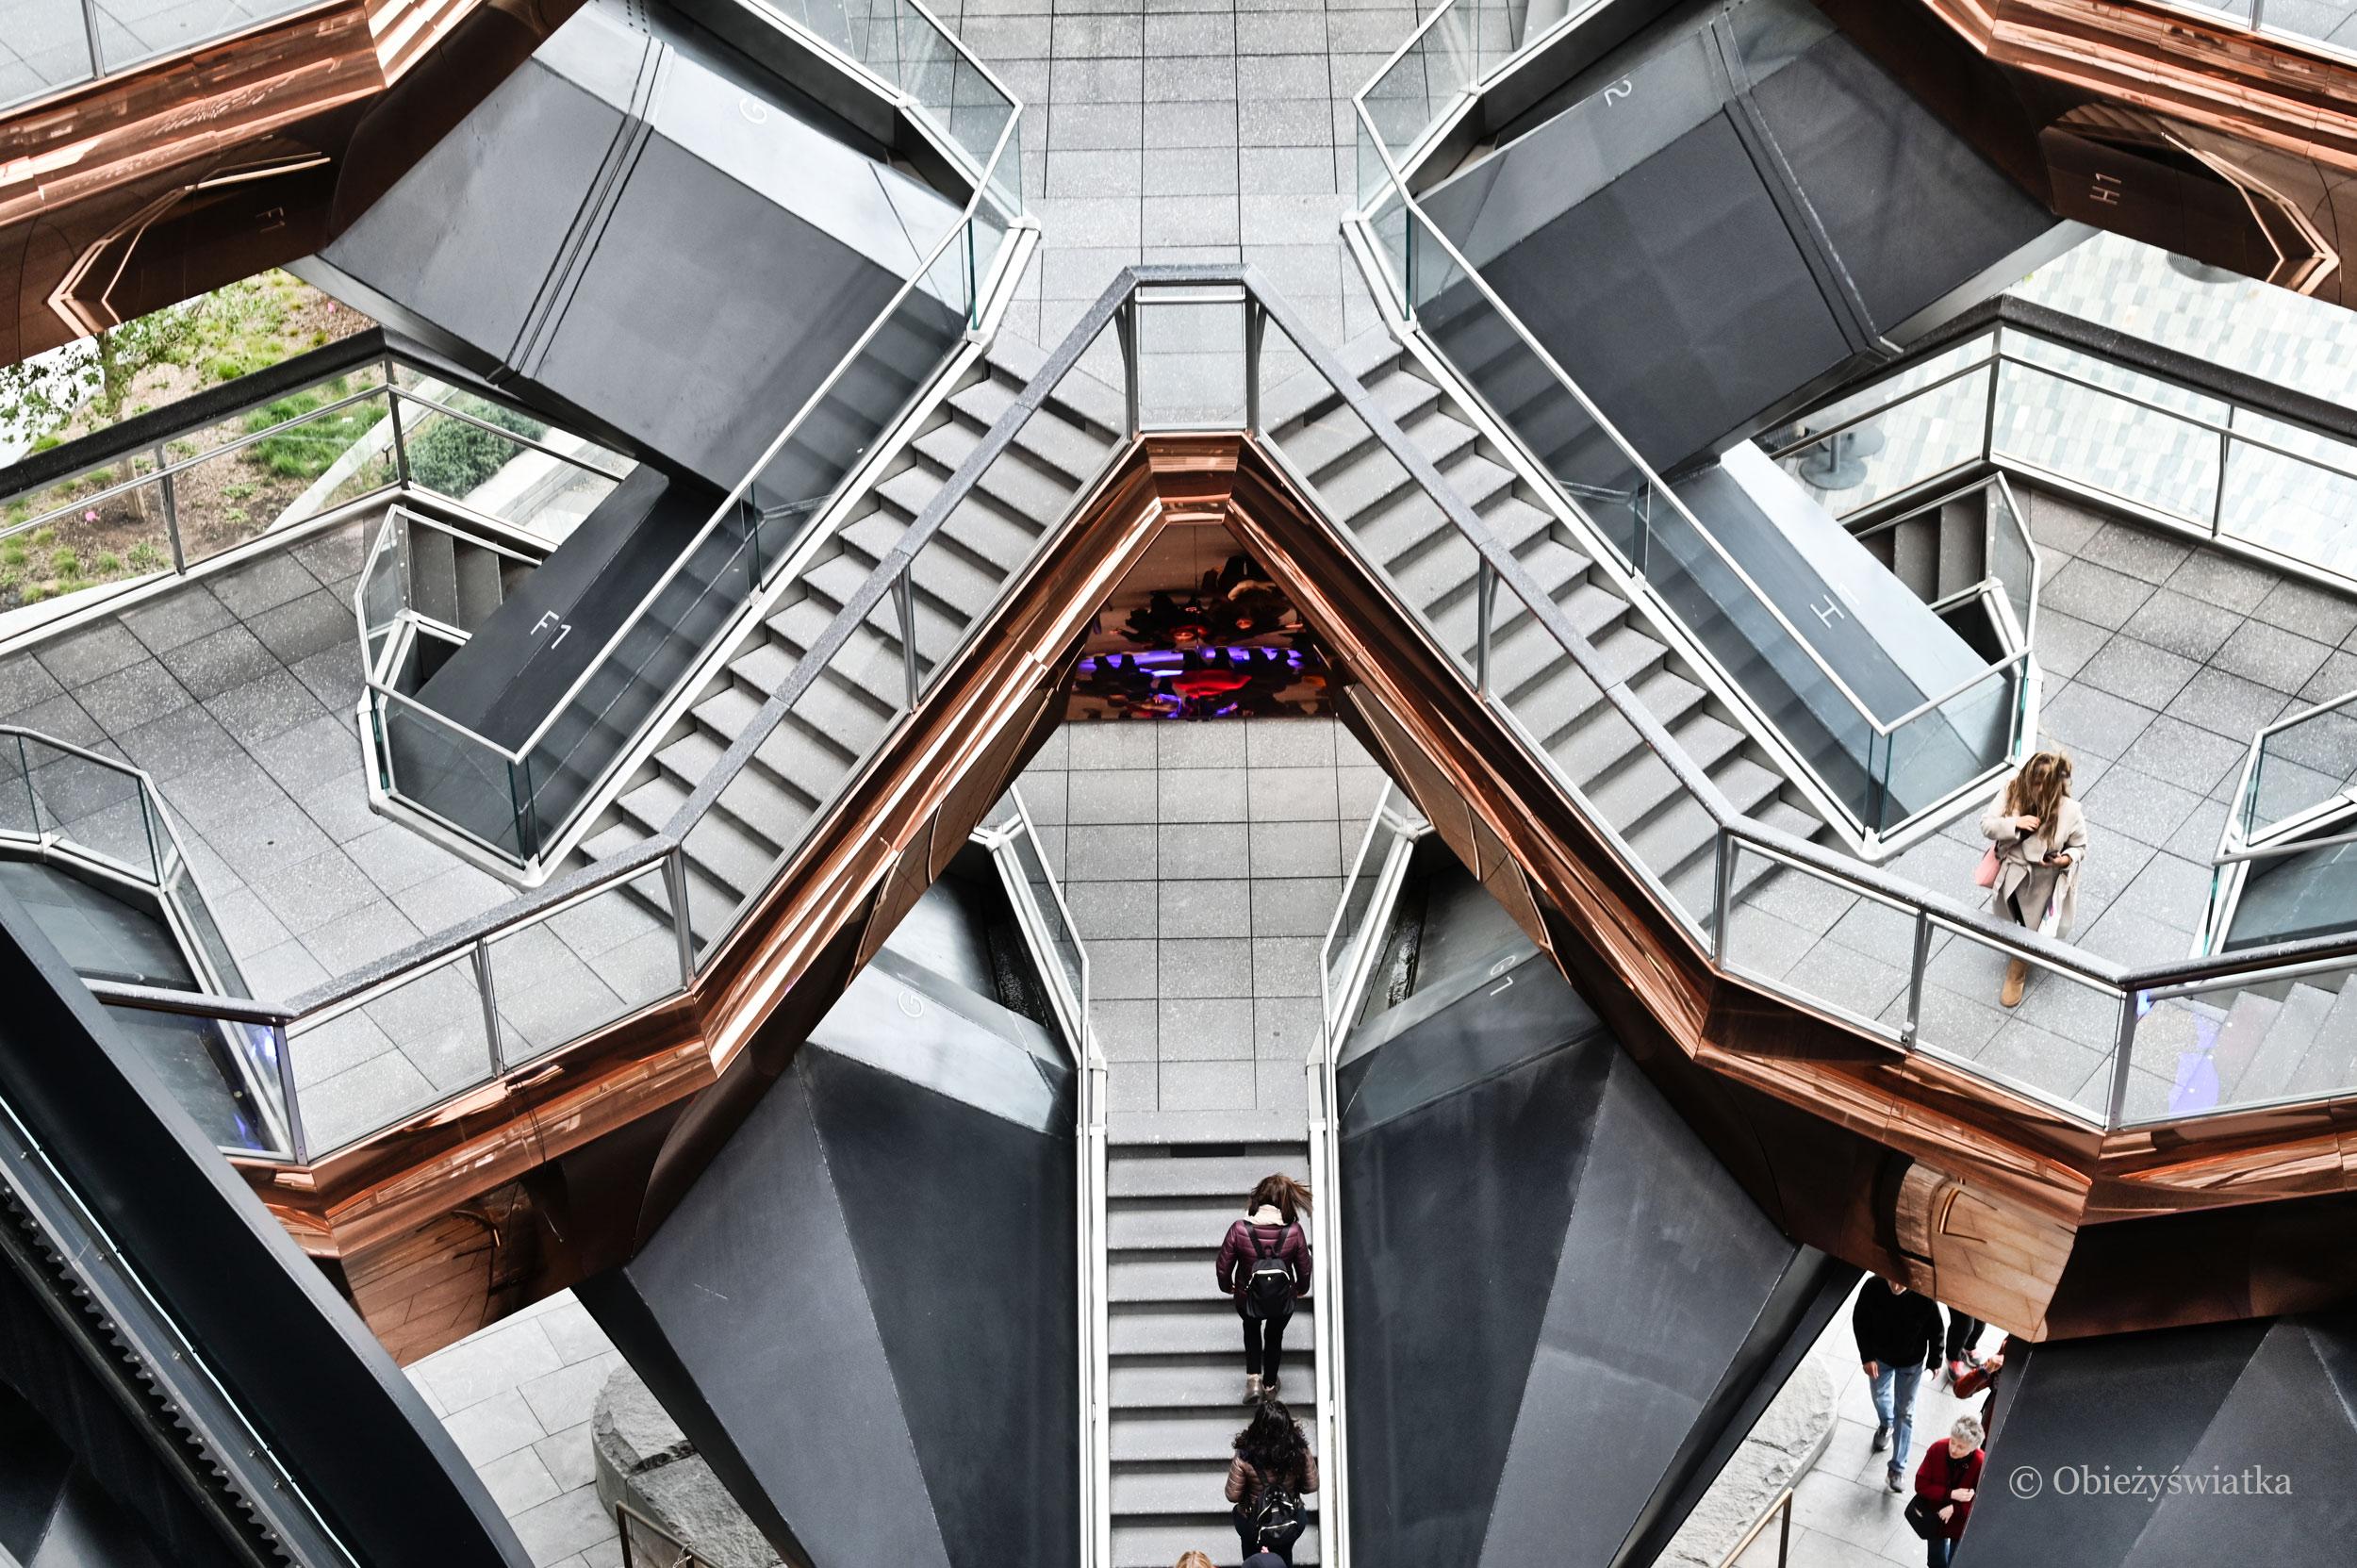 W królestwie schodów - The Vessel, Nowy Jork